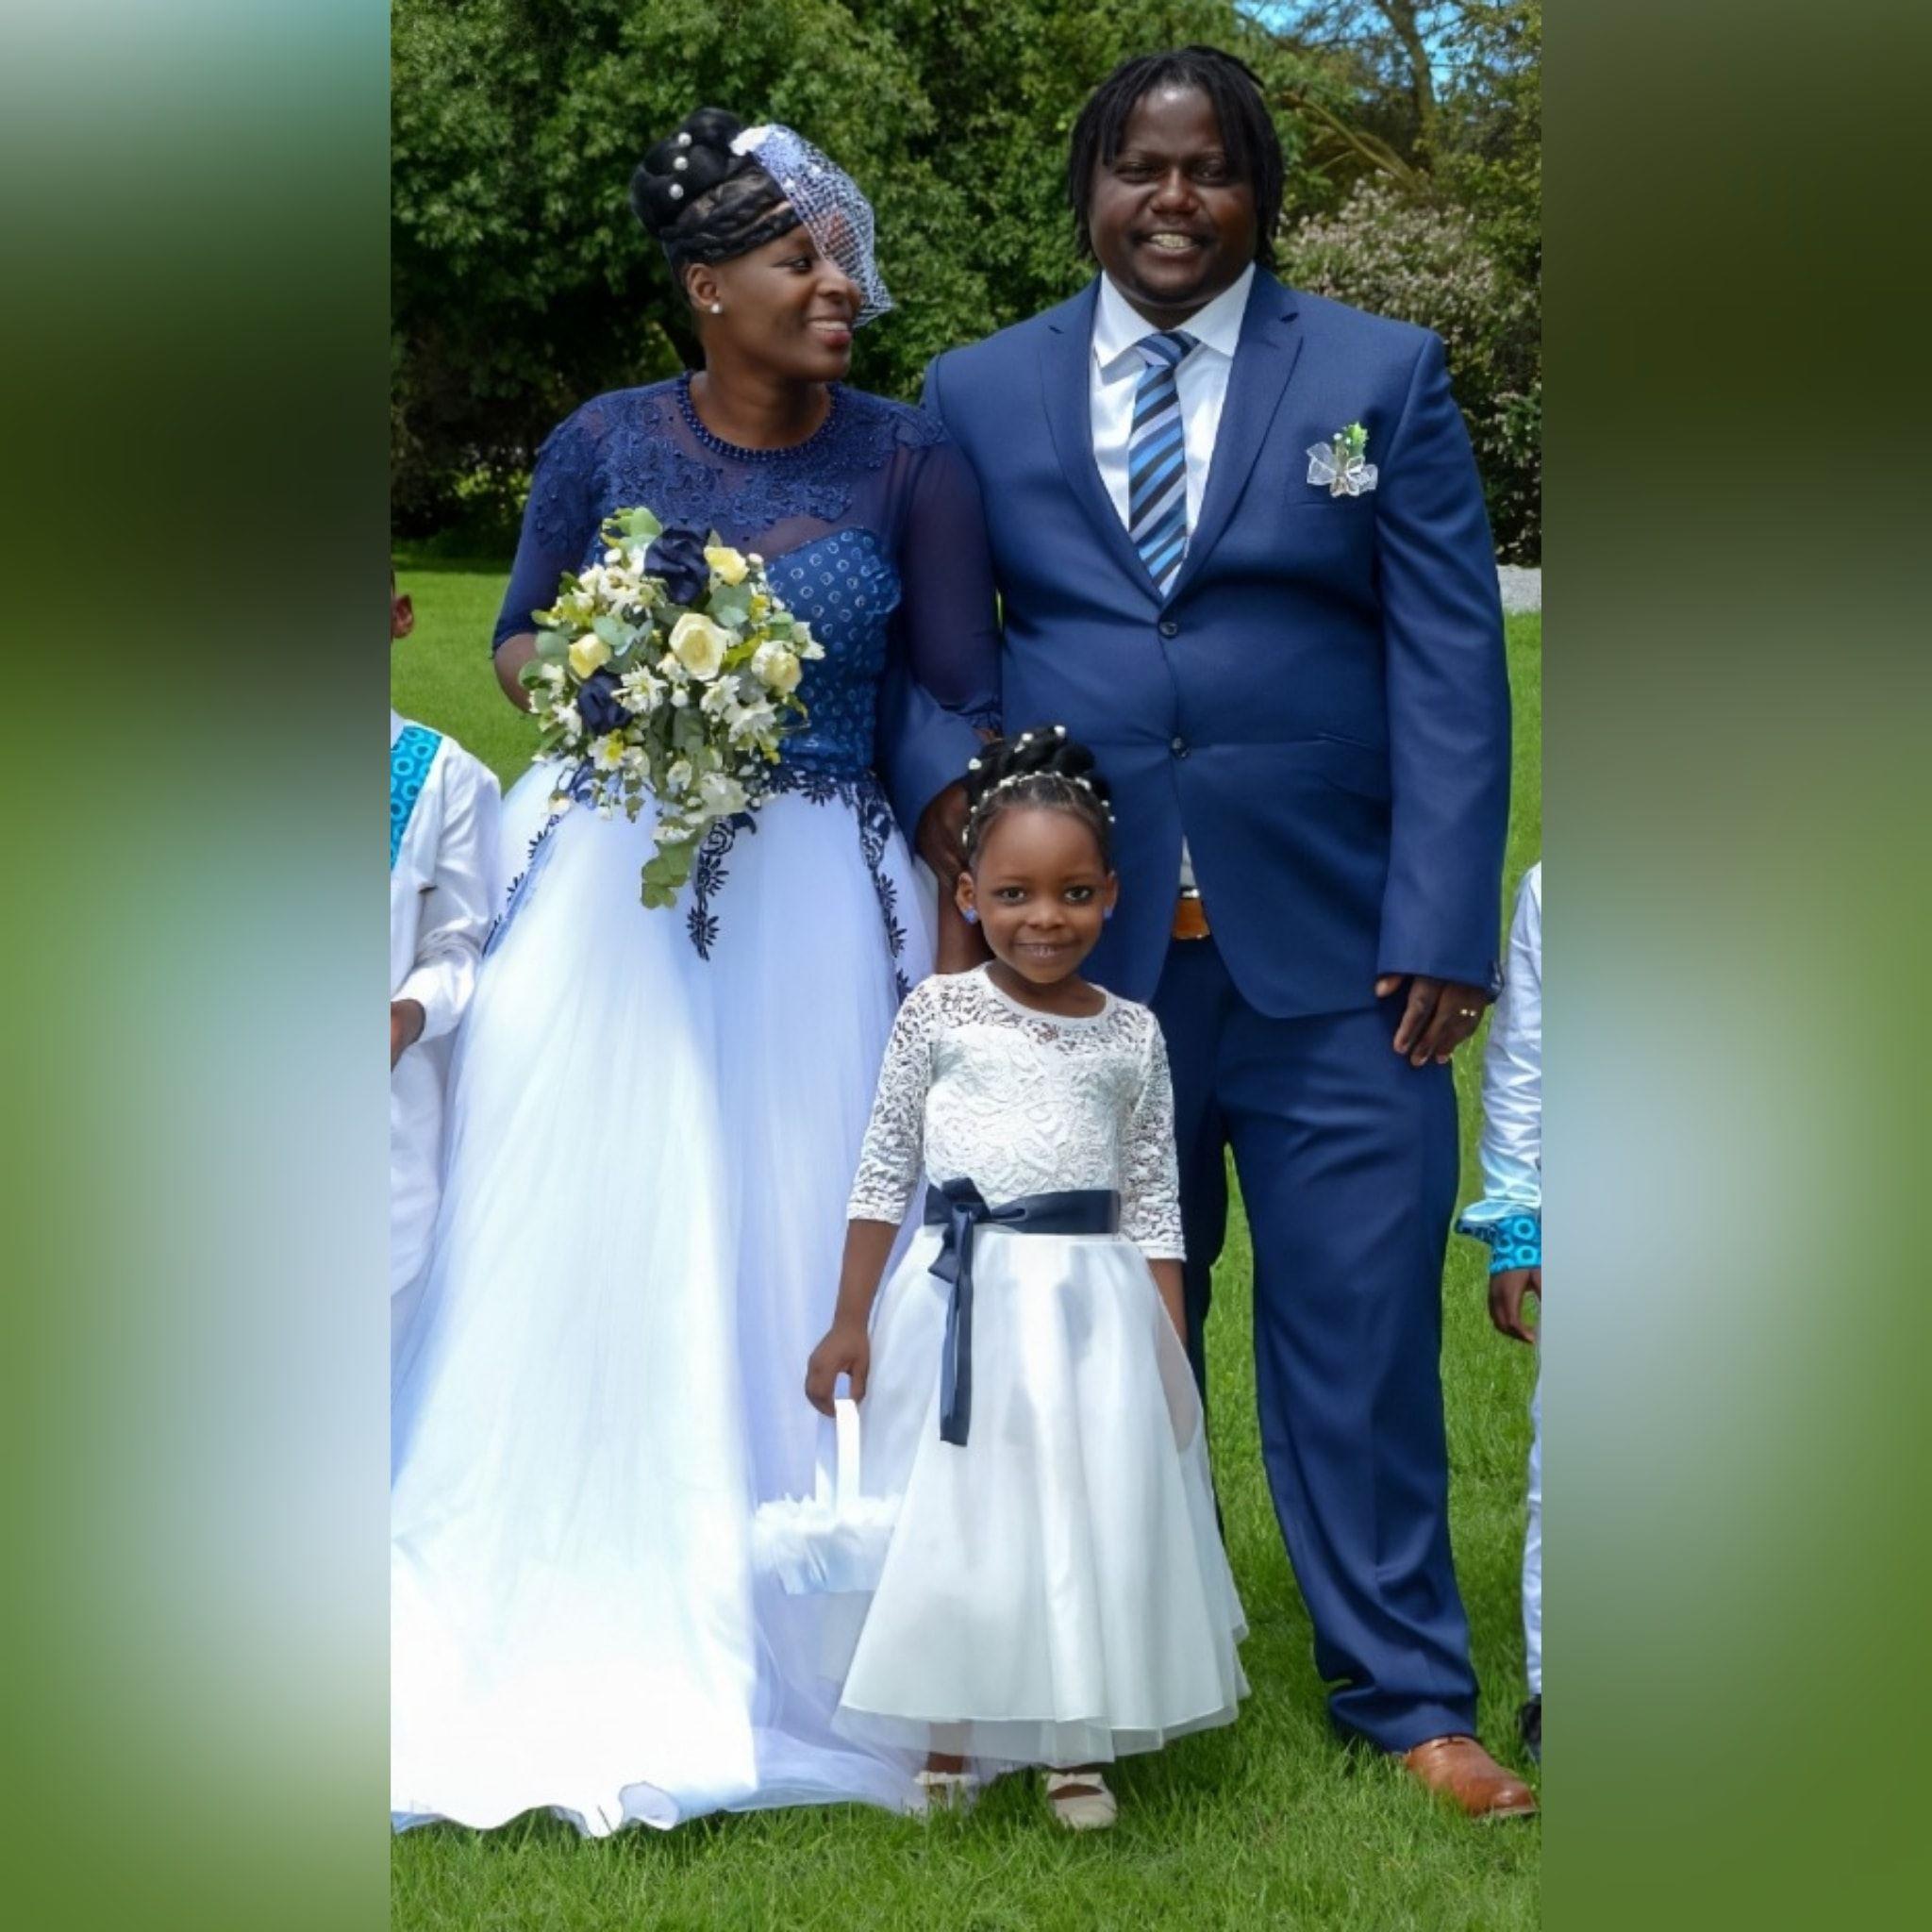 Vestido de noiva tradicional africano moderno 8 vestido de noiva tradicional africano moderno criado para o dia especial da minha cliente. Com corpete tradicional em estampado azul detalhado com rendas, miçangas e pérolas. Fundo em tule branco com um toque de detalhe de renda azul. Com decote de ilusão e mangas. E um véu capacete vintage. #vestidodecasamento #casamentotradicional #tradiçãoafricana #noivatradicional #vestidodenoivaafricano #paixaopormoda